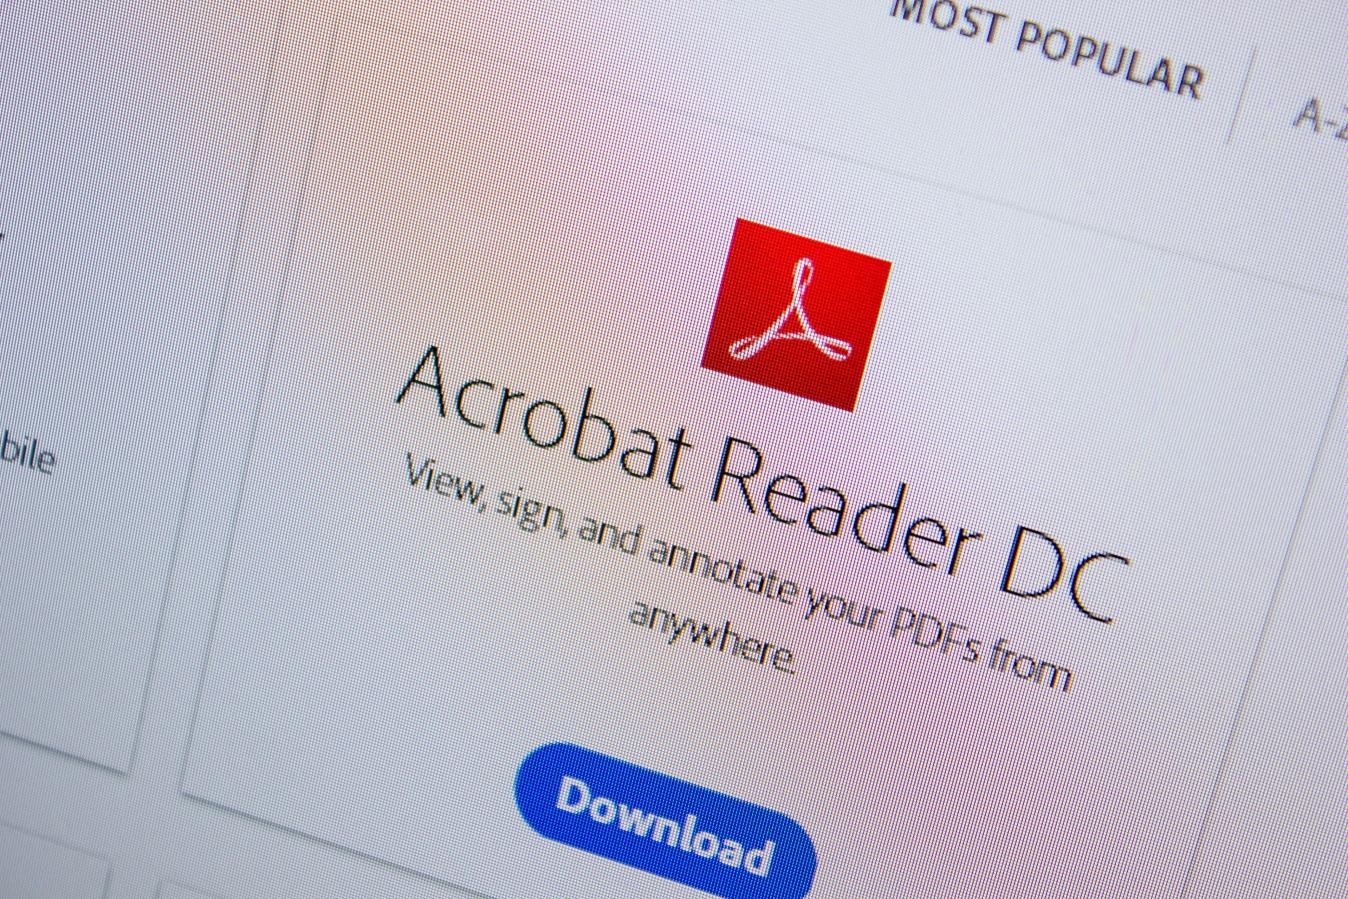 Adobe Reader victime d'une faille 0-day, un patch de sécurité est disponible